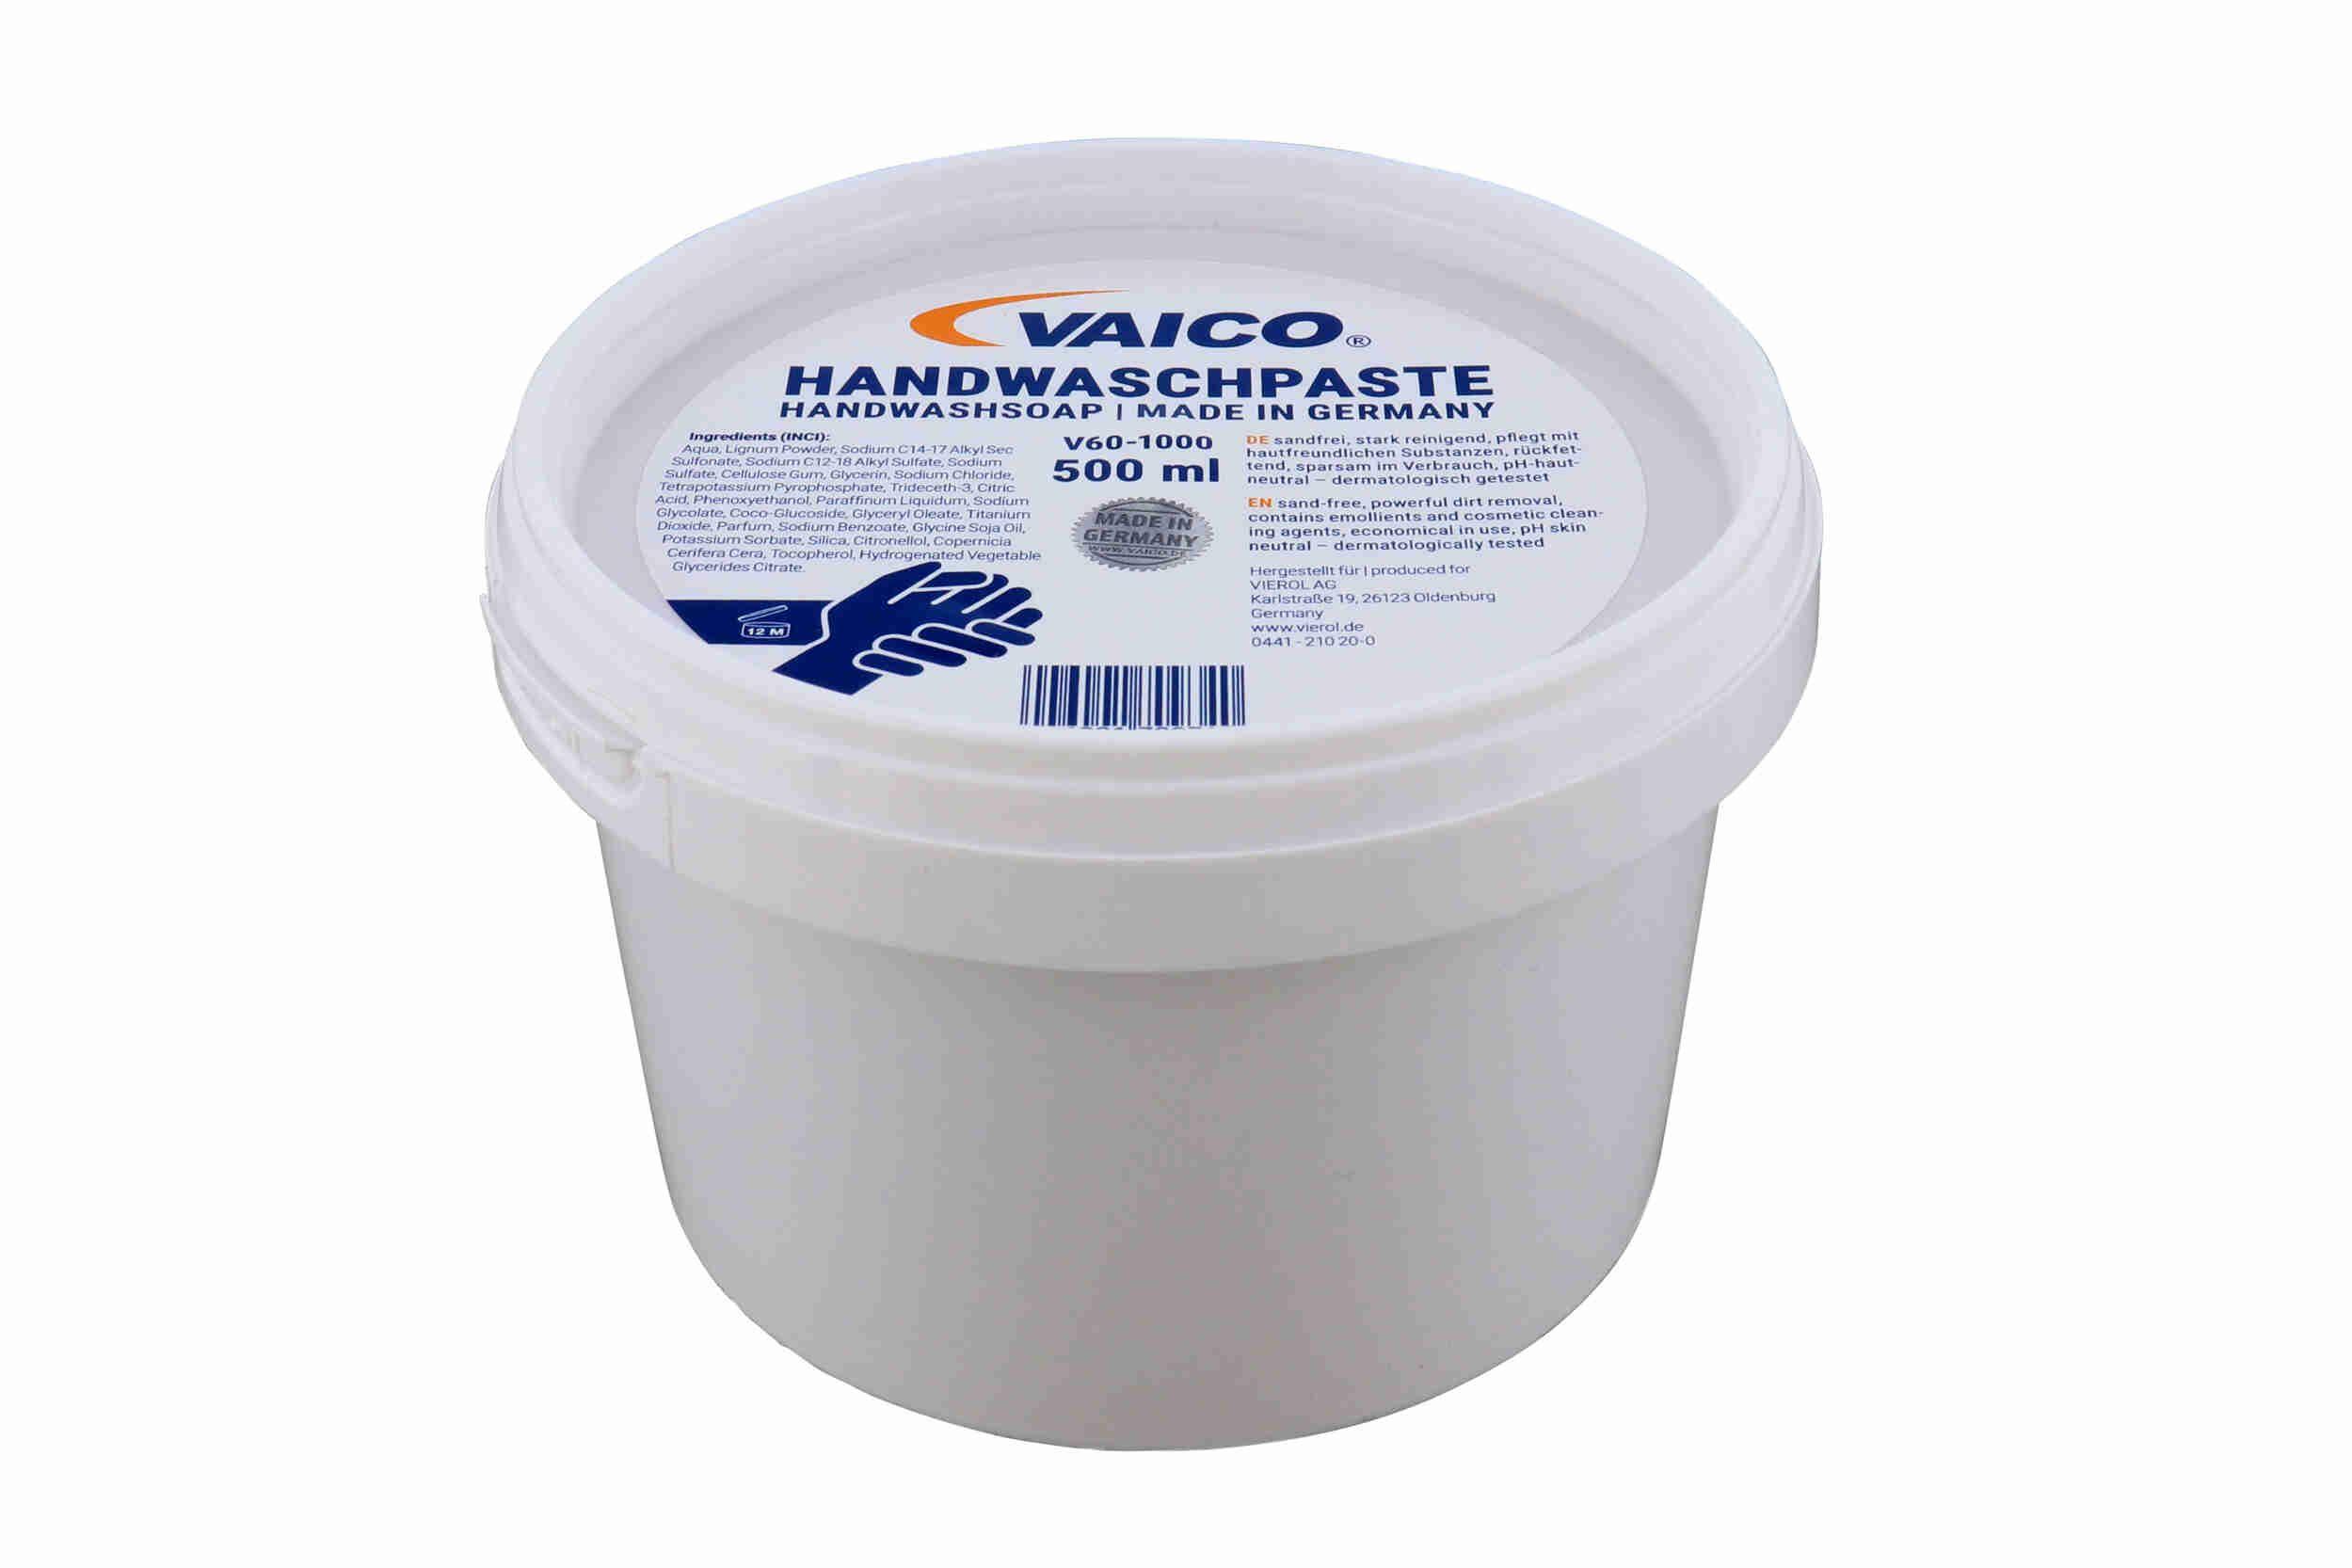 Produto de limpeza das mãos VAICO Handwaschpaste classificação